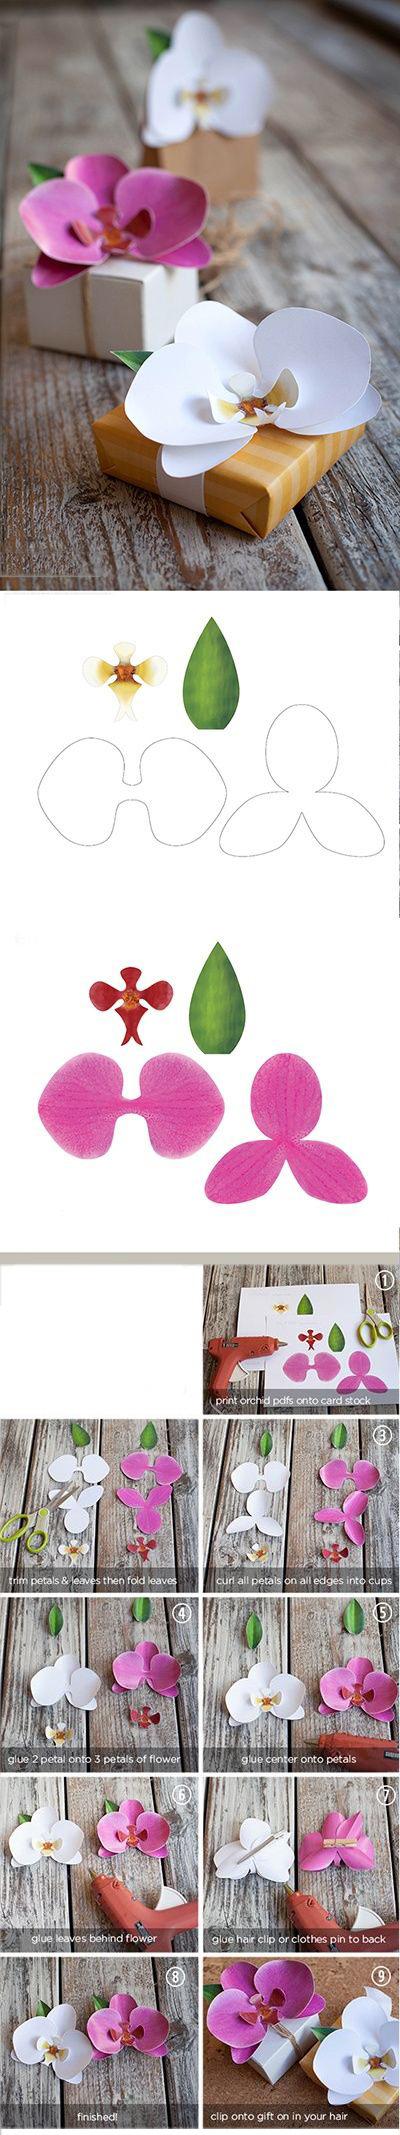 орхидея своими руками из бумаги